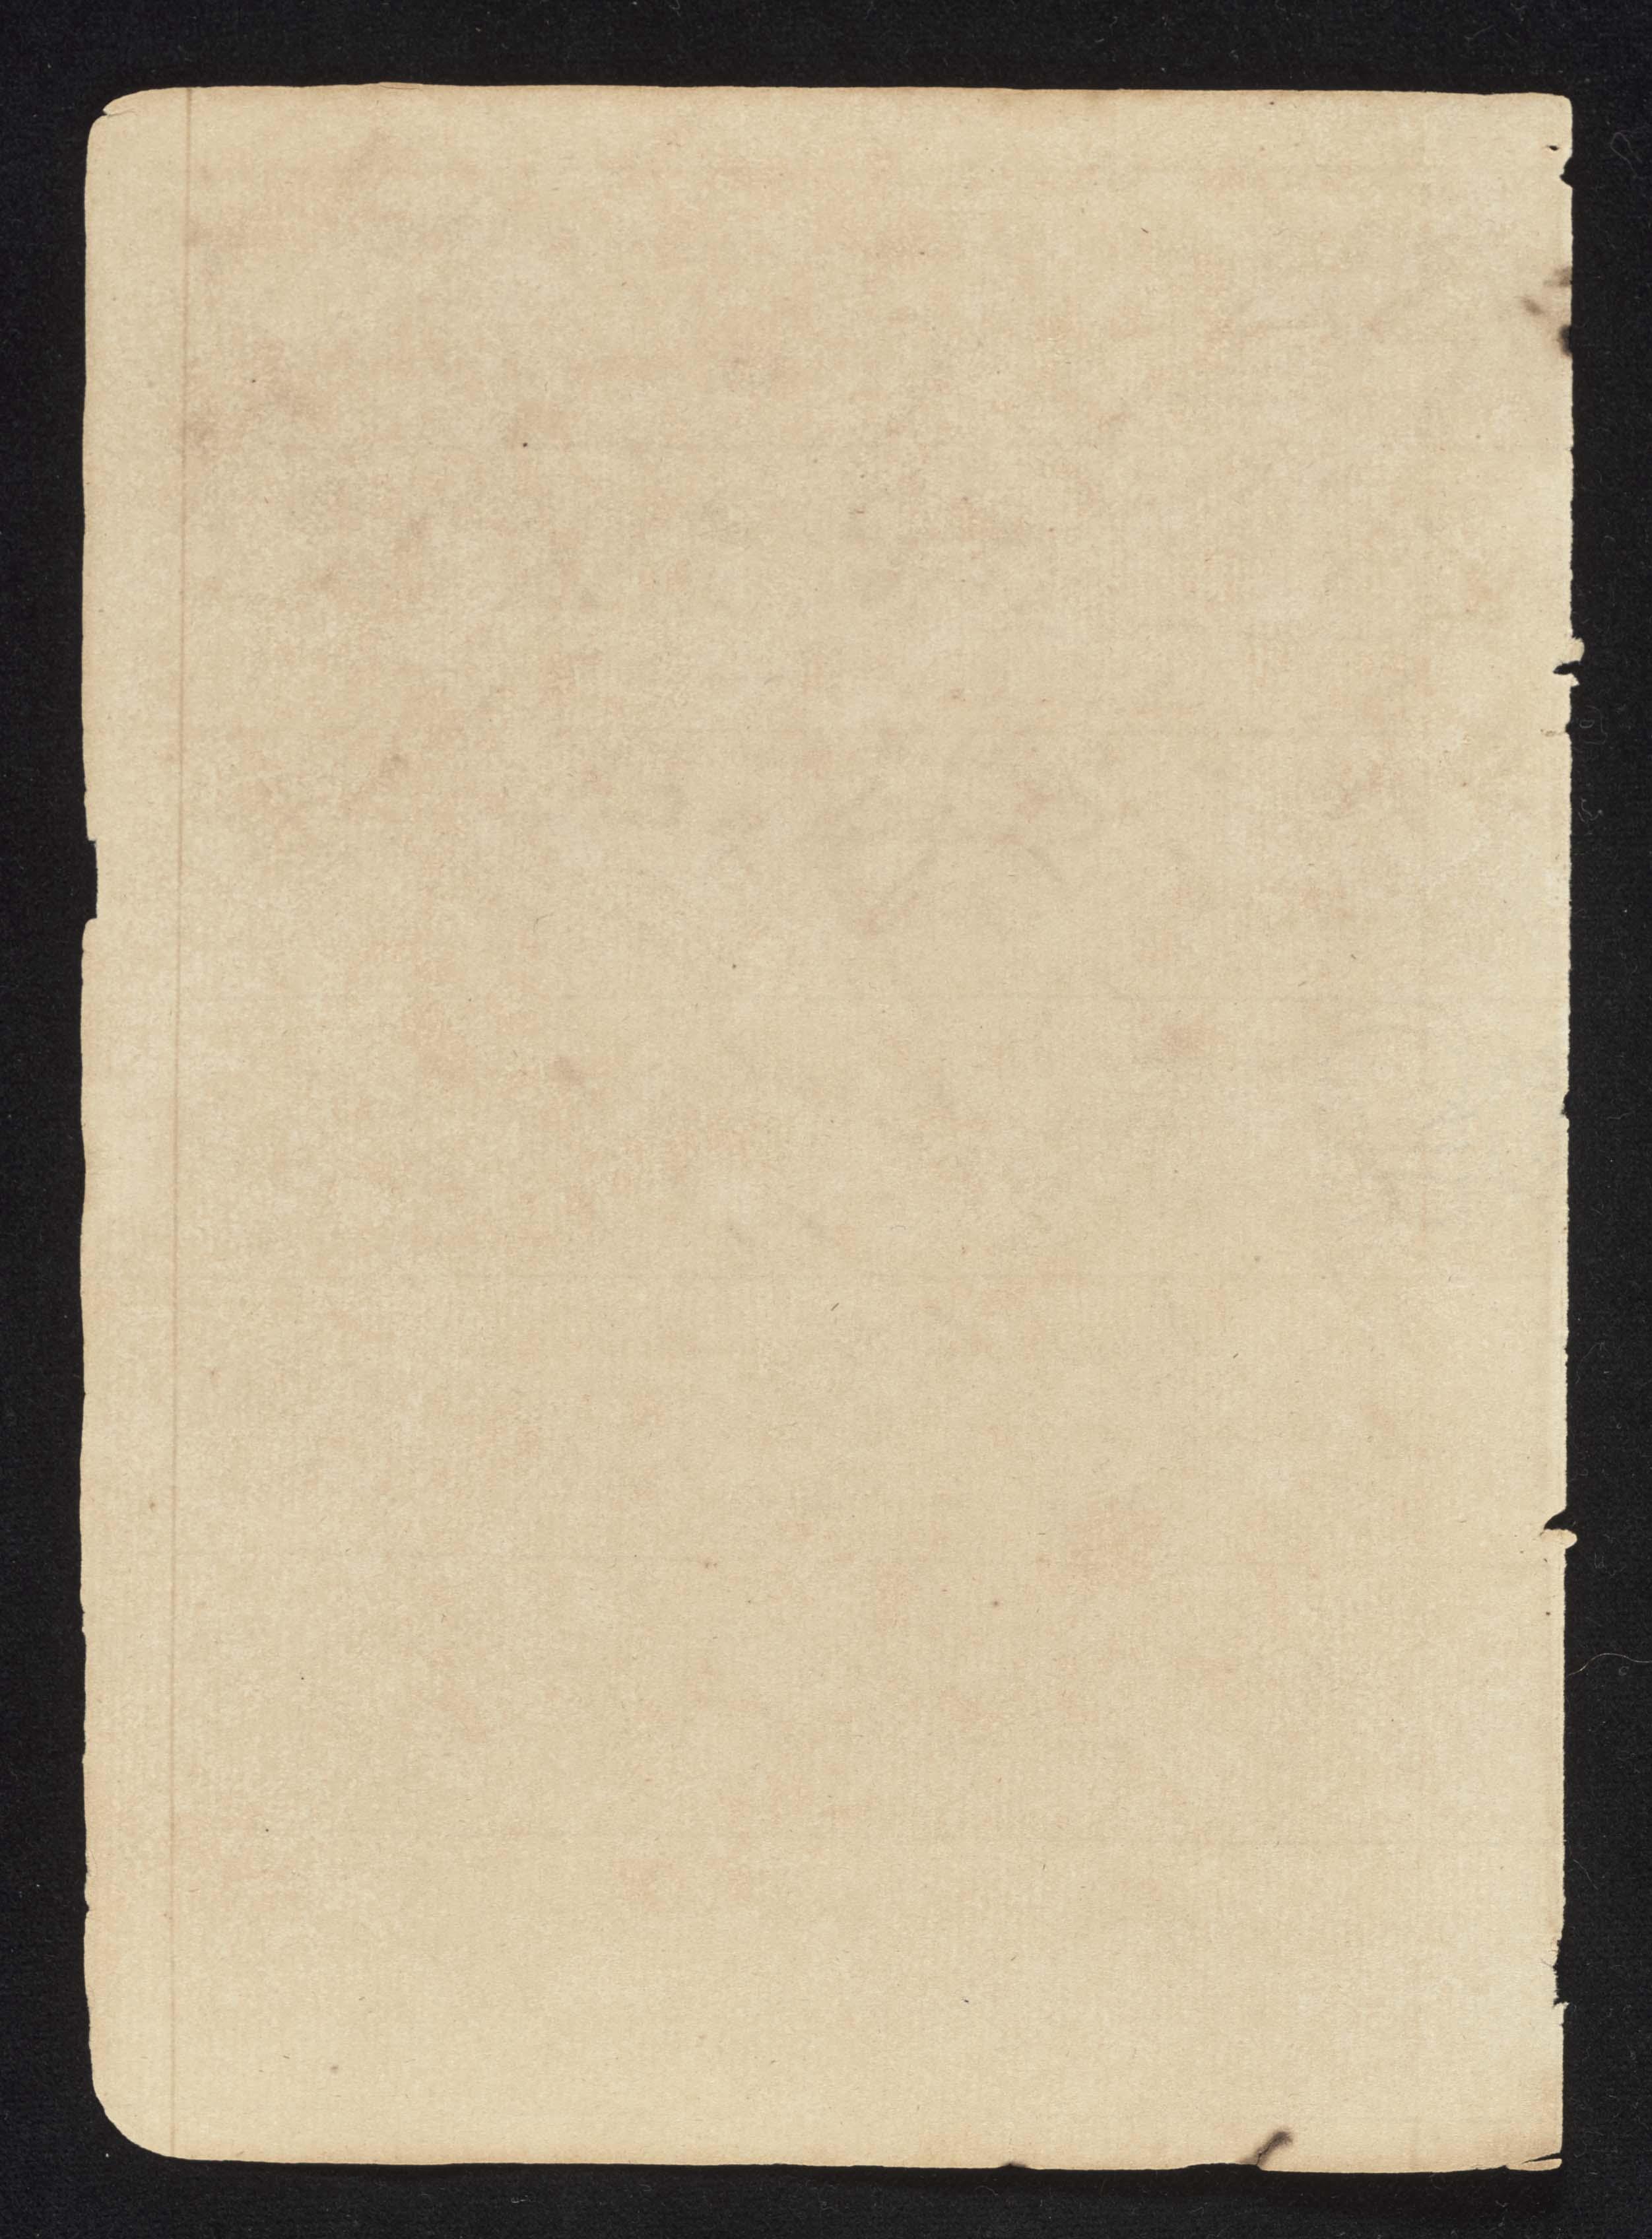 South Carolina Regiment Order Book, Page 10